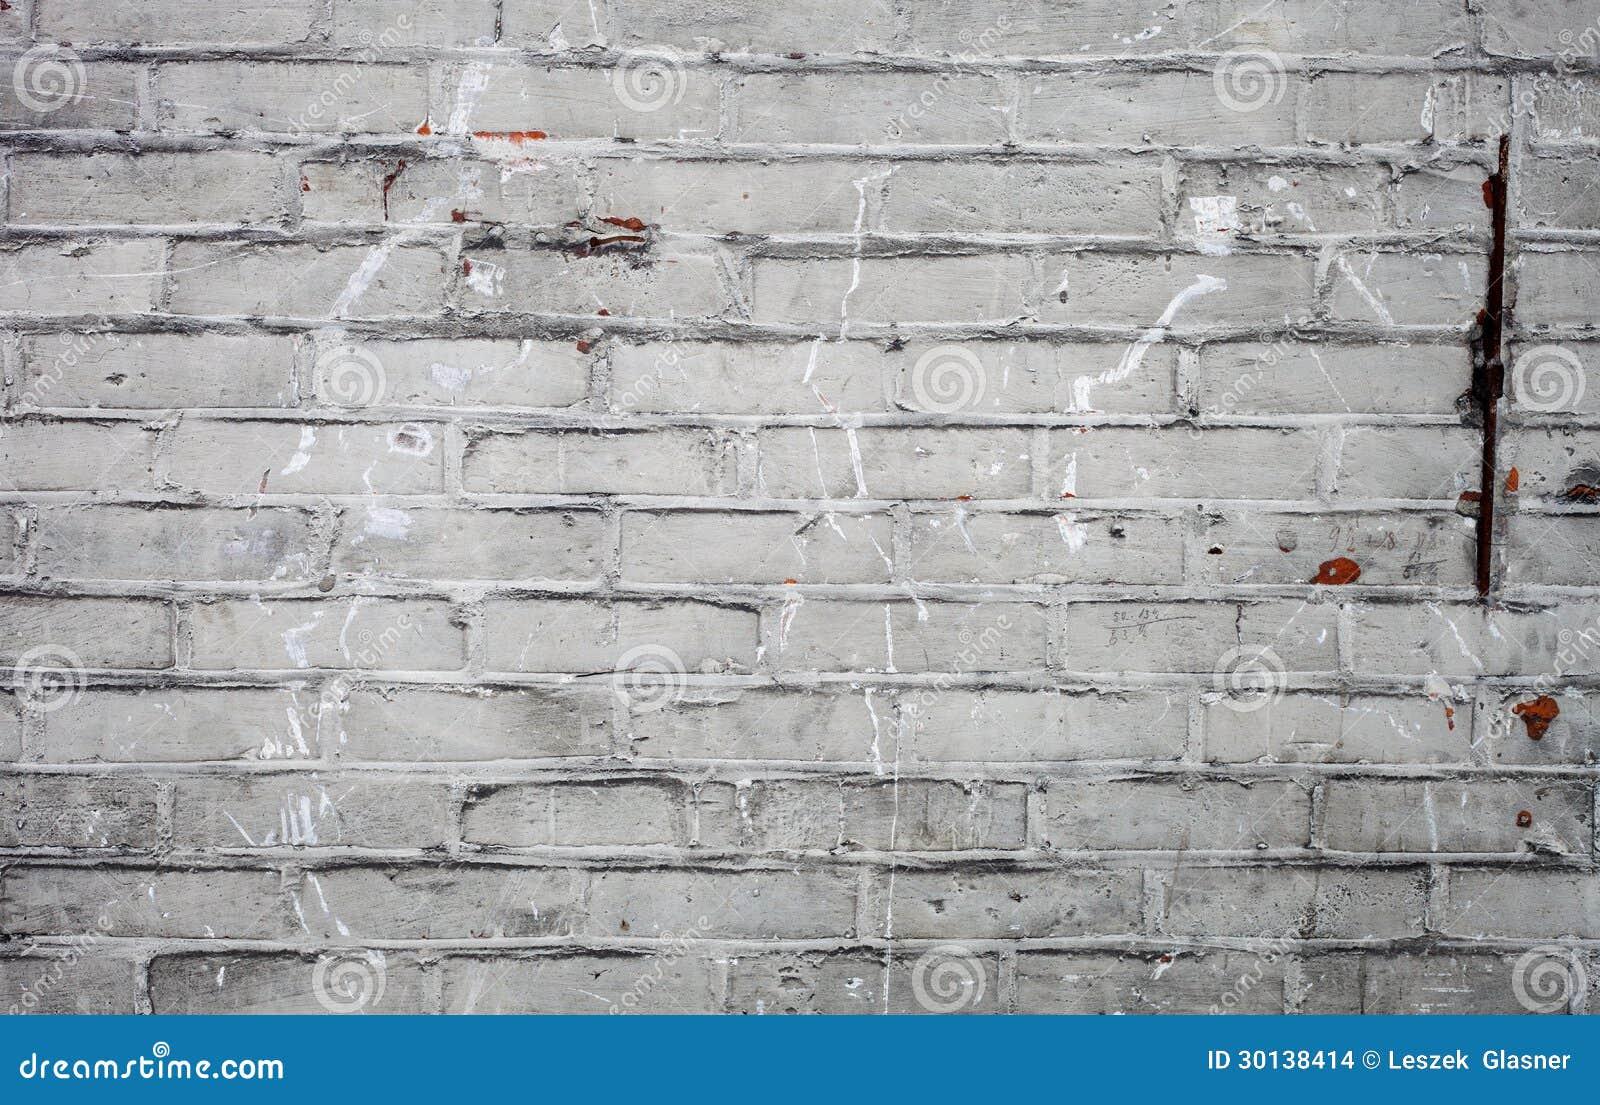 vieille texture blanche sale de mur de briques photo stock image du bloc lumineux 30138414. Black Bedroom Furniture Sets. Home Design Ideas